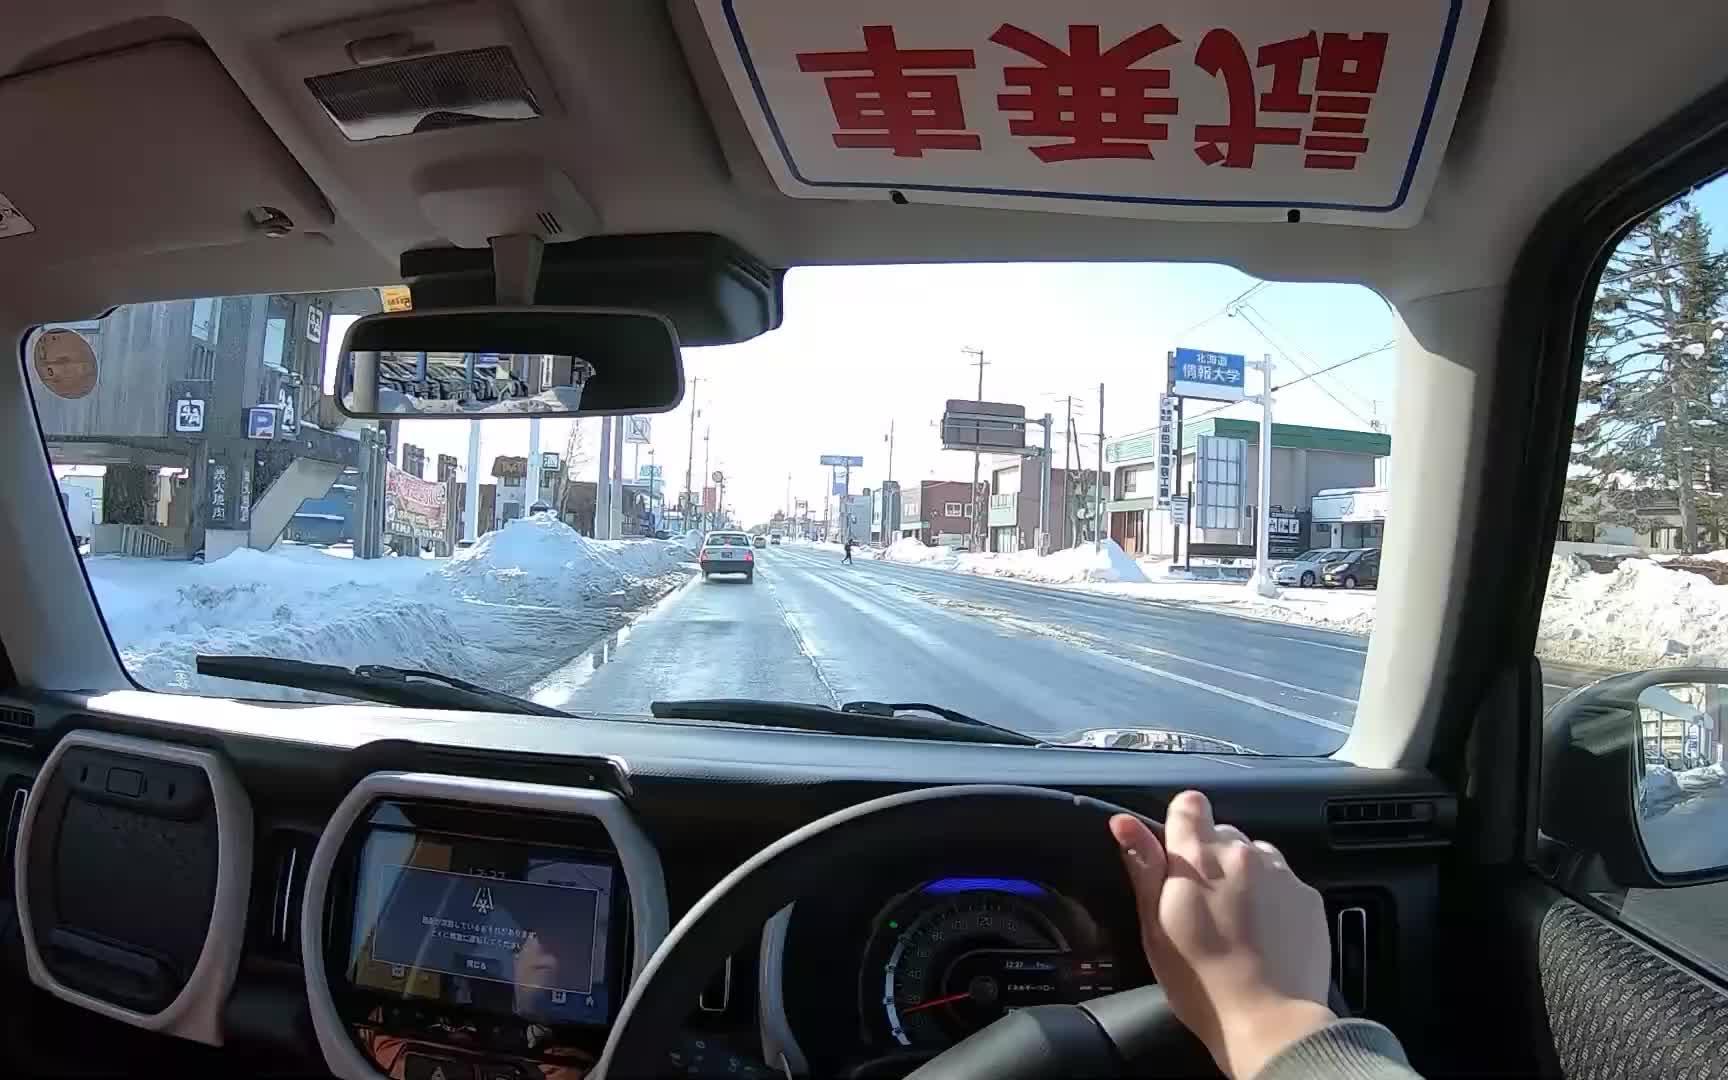 接上篇,铃木全新HUSTLER混动四驱第一人称试驾